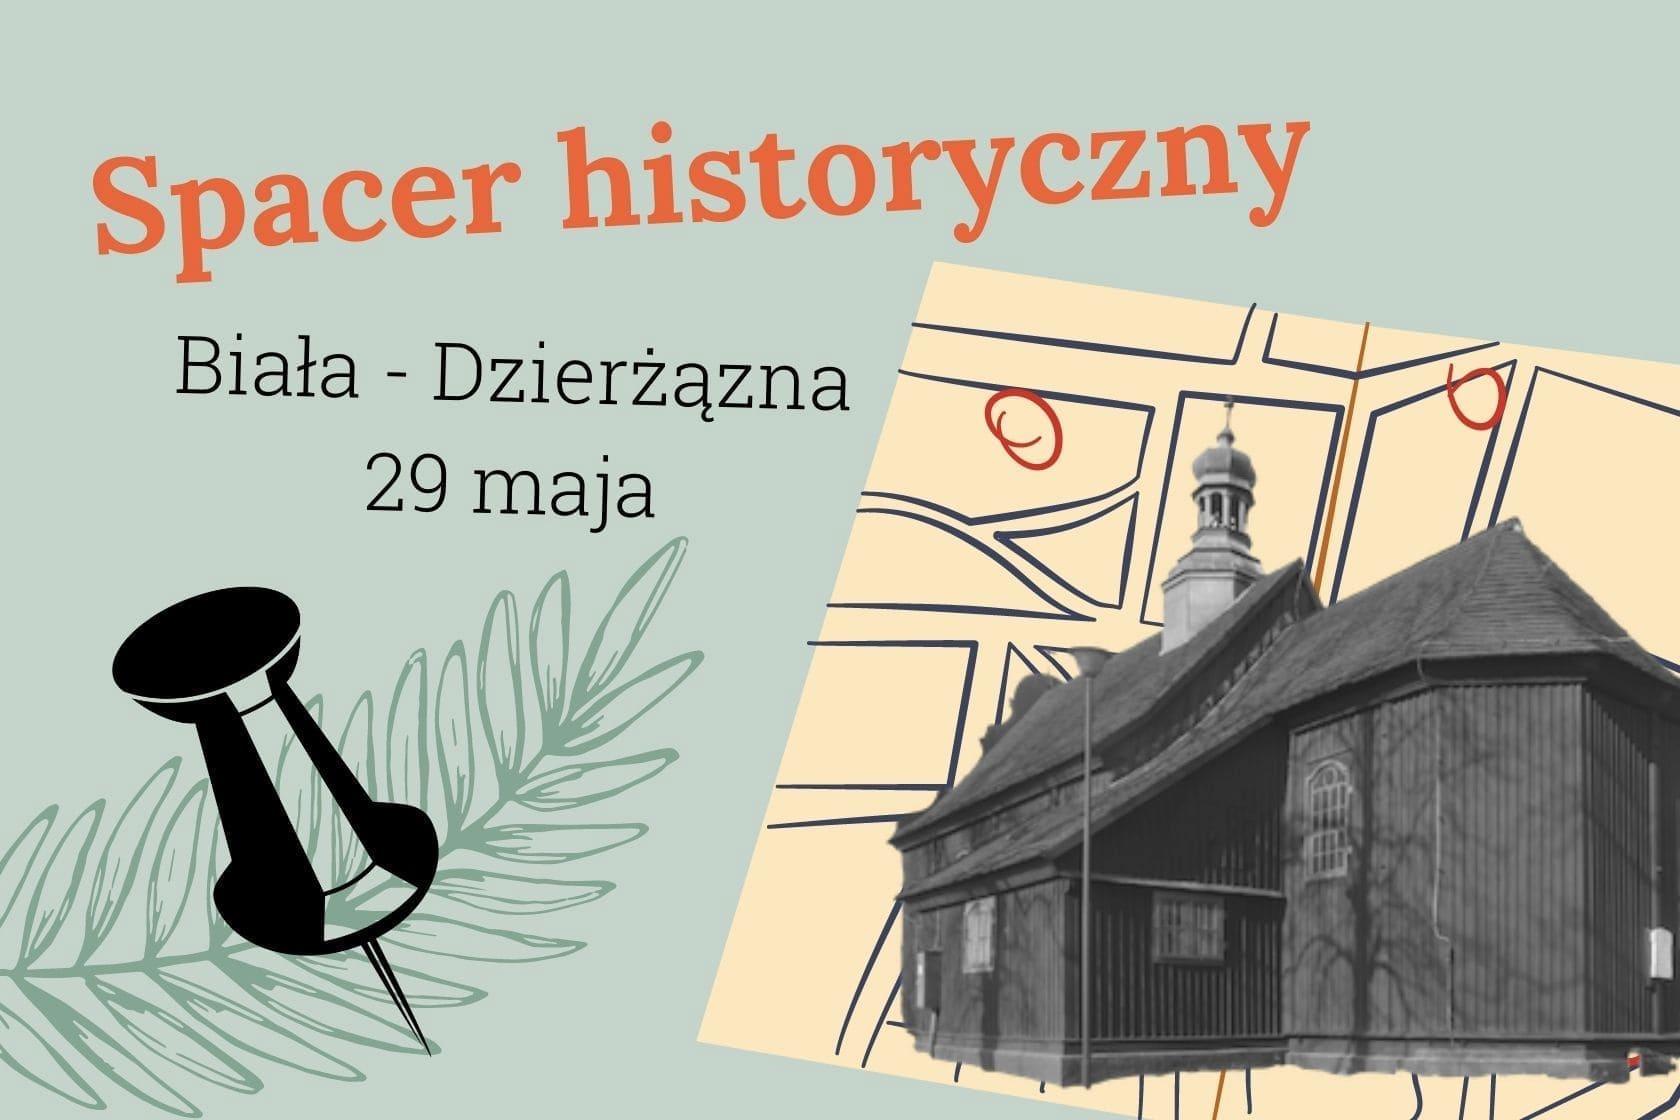 Spacer historyczny Biała - Dzierżązna, gmina Zgierz, GCKSTiR